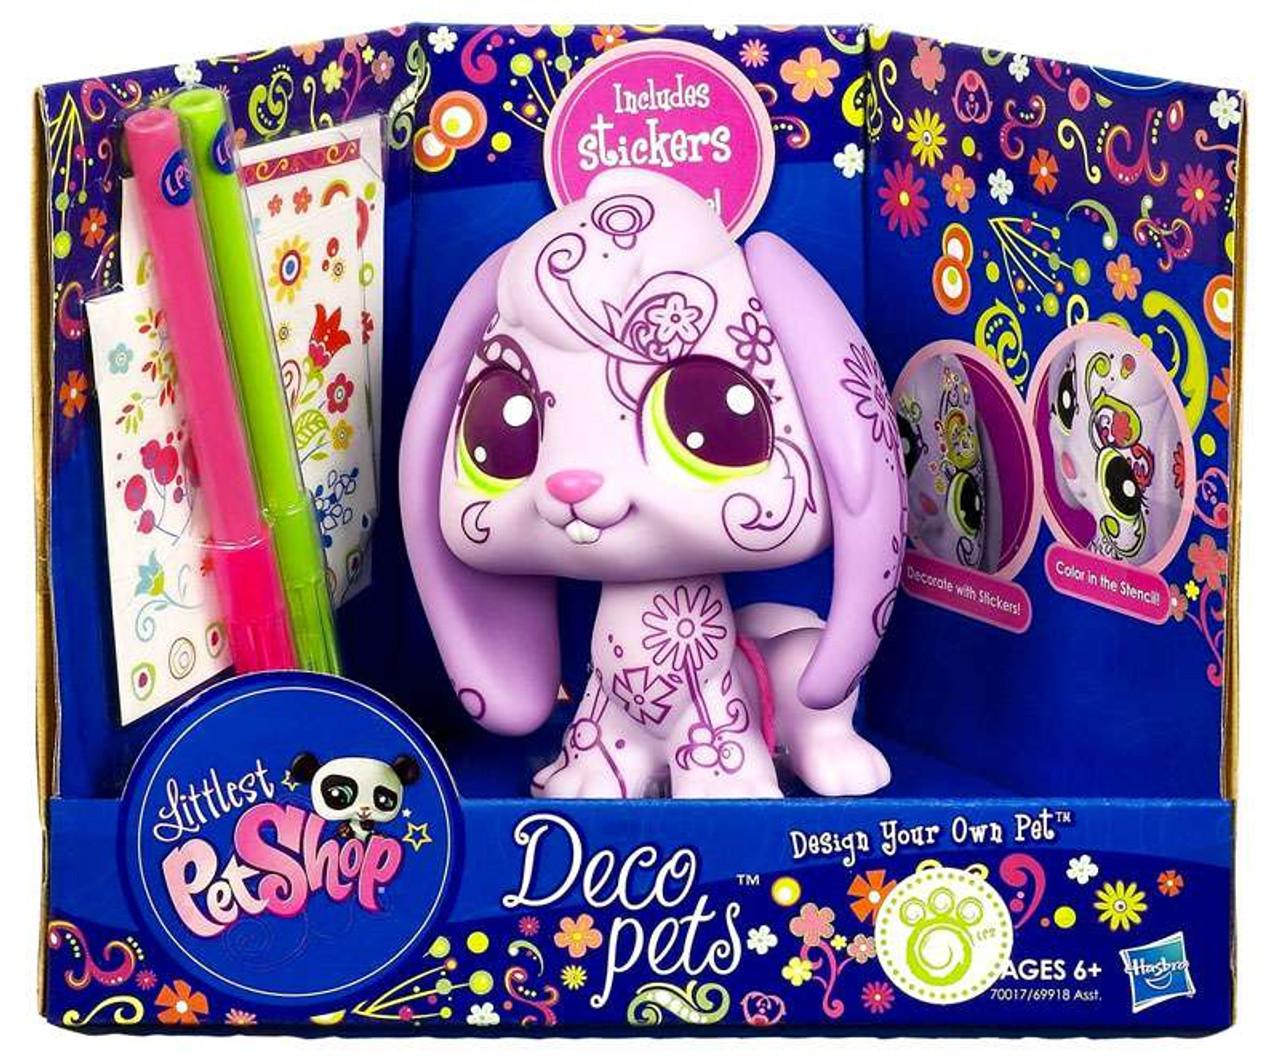 Littlest Pet Shop Deco Pets Bunny Figure [Pink]